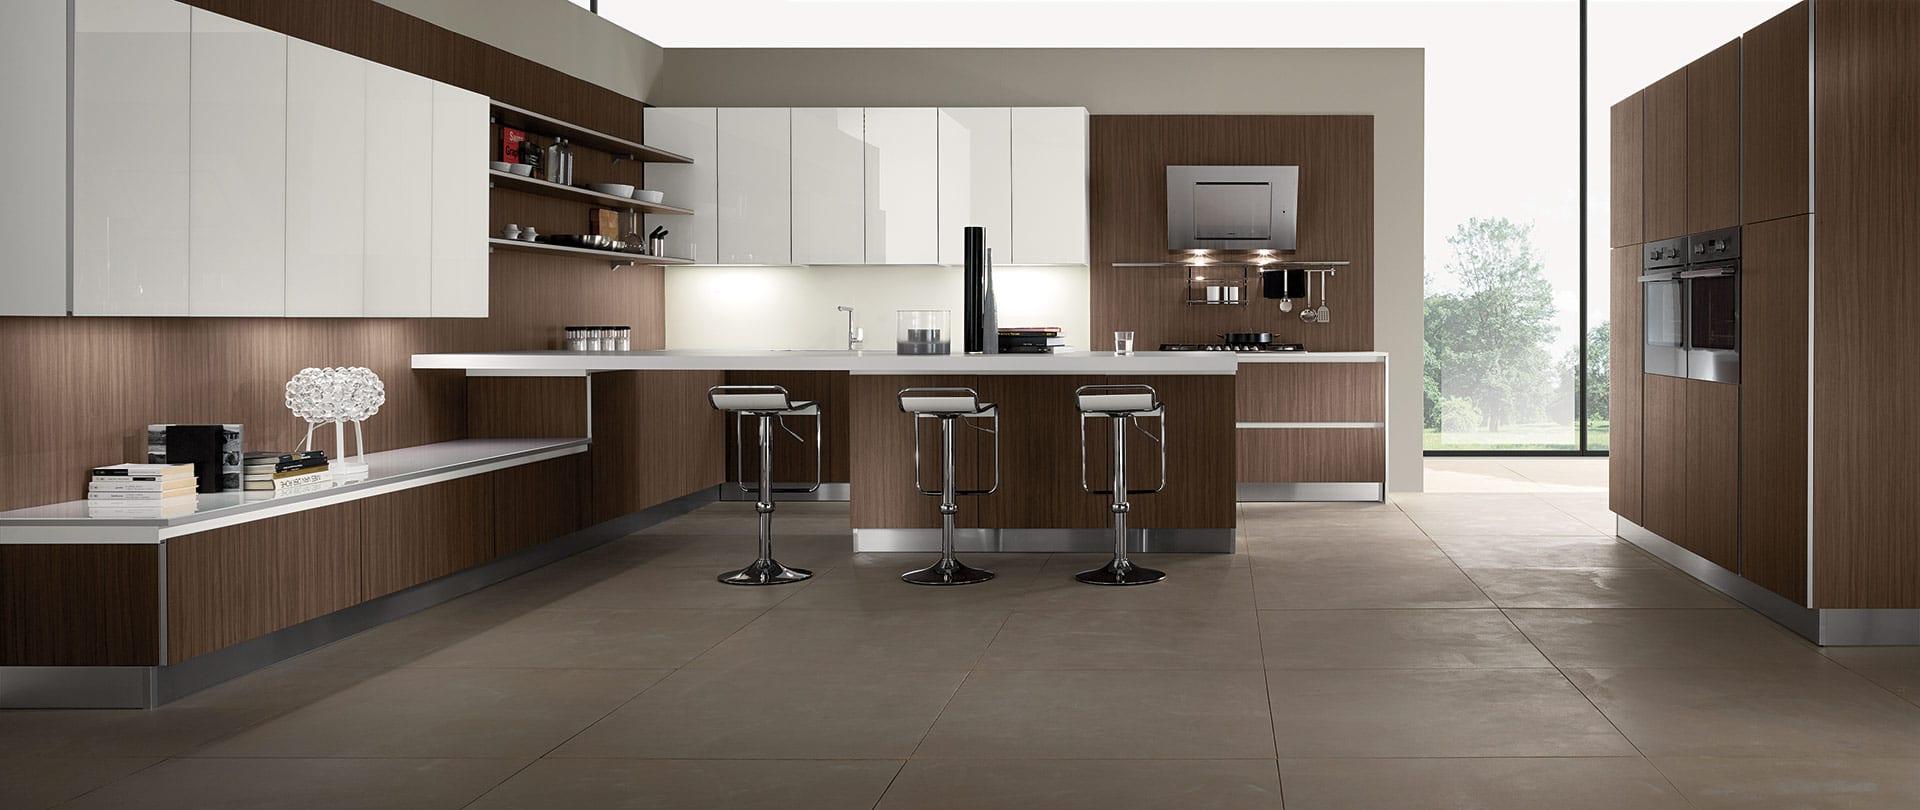 cucina-moderna-stratos-grainwood-castagno-glass-bianco